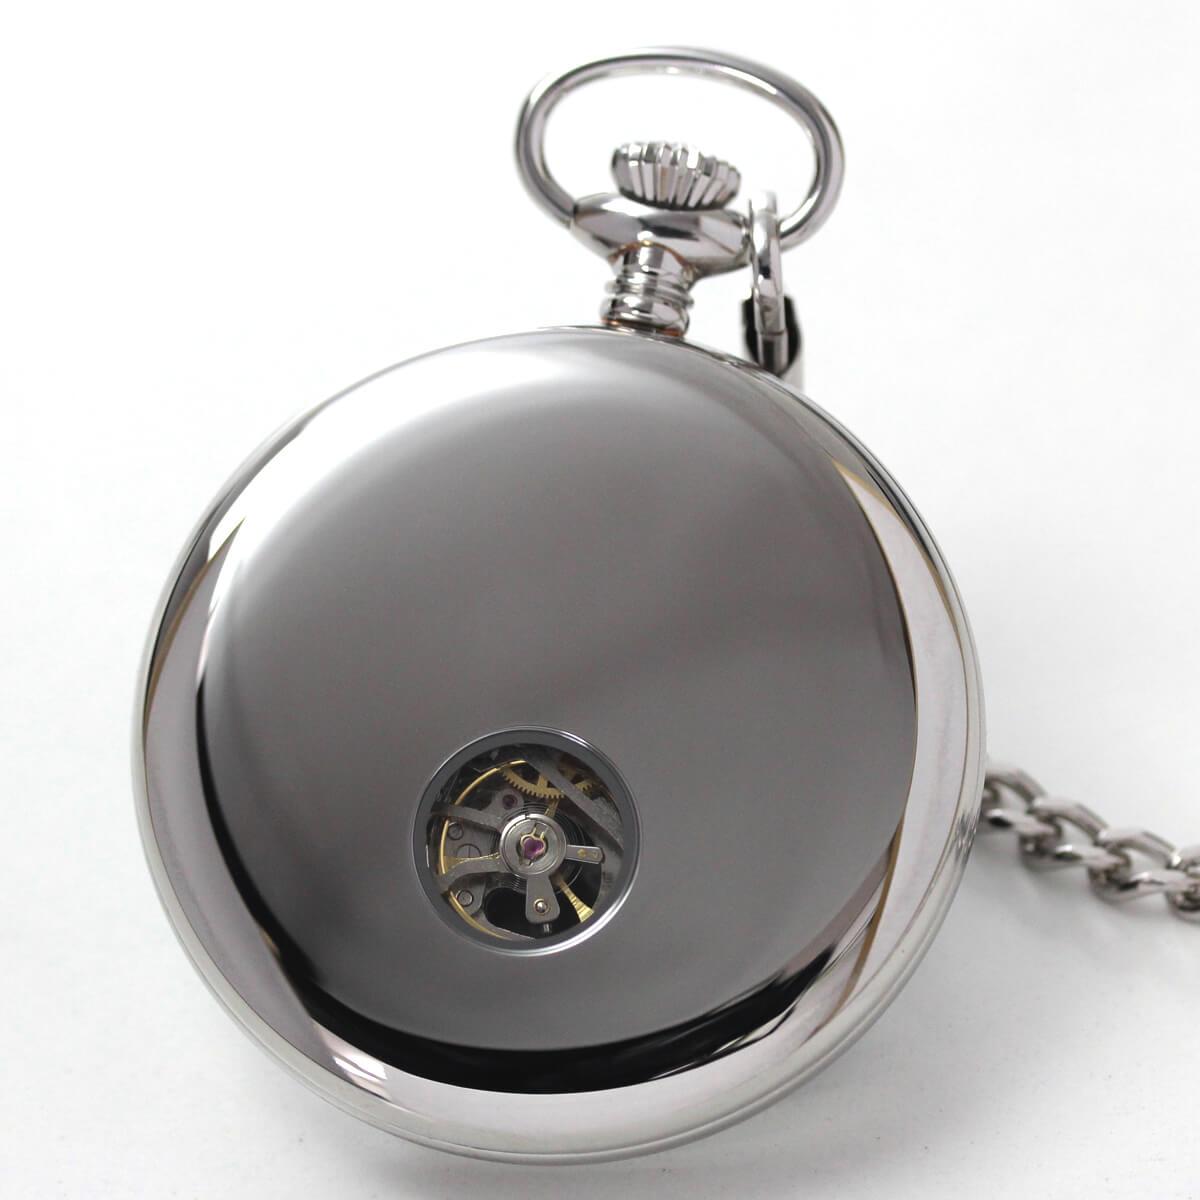 ROYAL LONDON(ロイヤルロンドン) 手巻きスケルトン懐中時計 90049-01 本体裏側